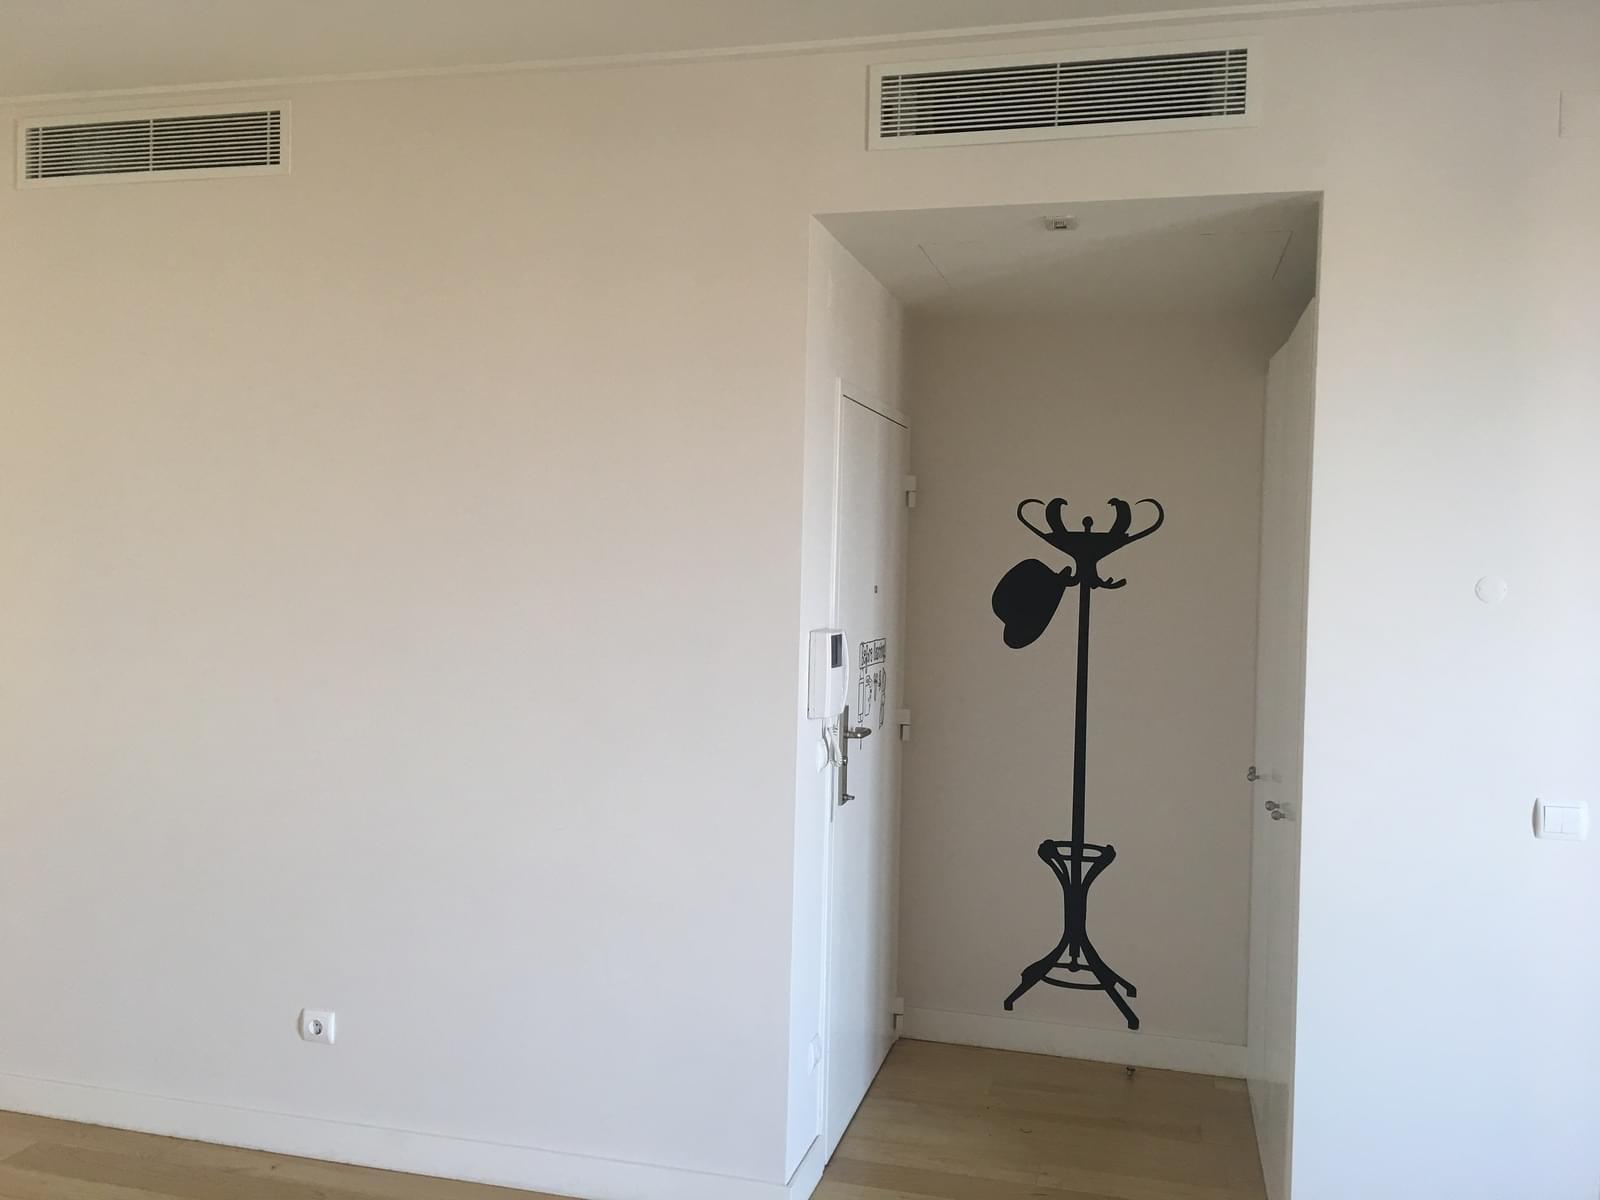 pf18822-apartamento-t1-lisboa-34238dd9-9201-4ec1-9948-951aec127469